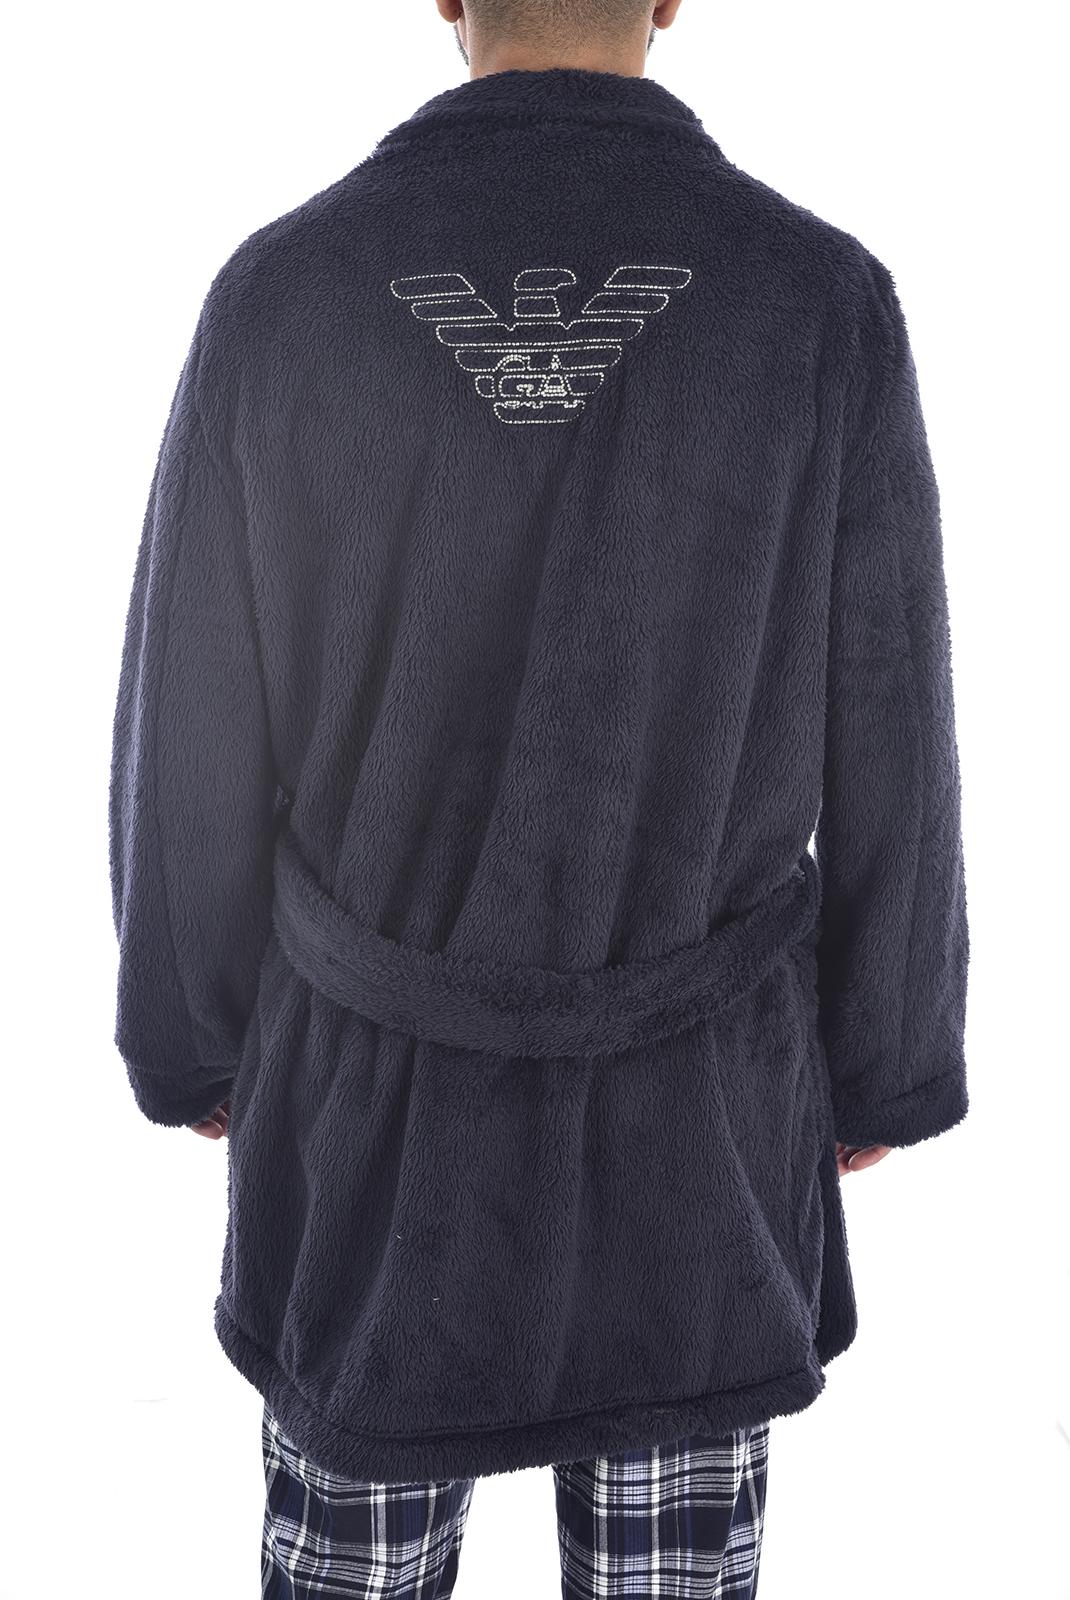 Pyjamas-Peignoirs  Emporio armani 111884 9A580 00135 BLEU